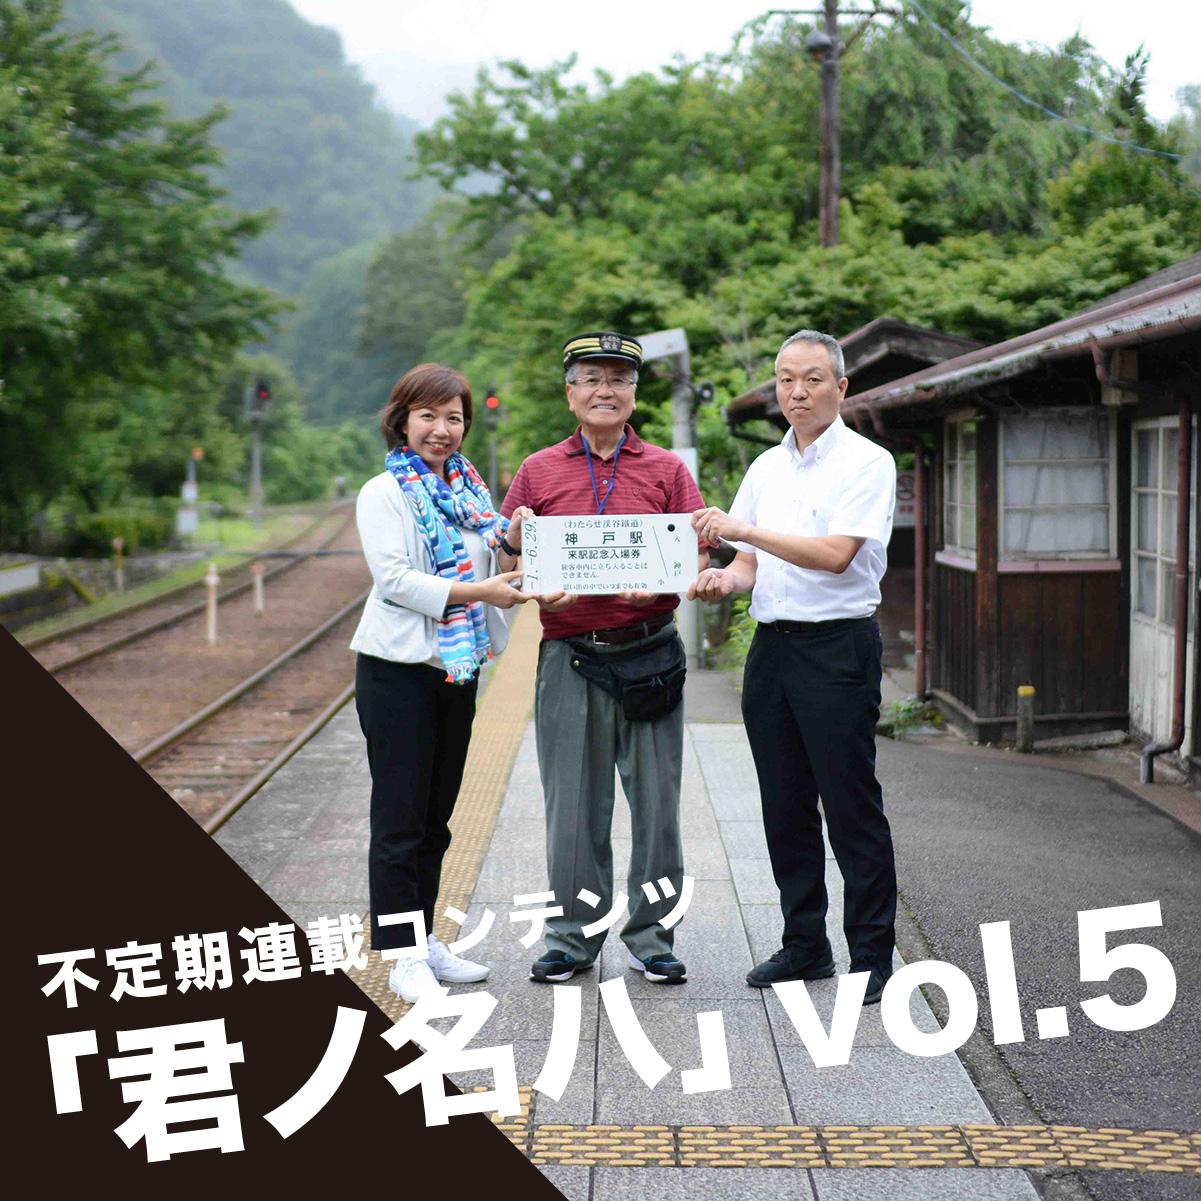 Vol.05【神戸(ごうど)物語】-群馬-